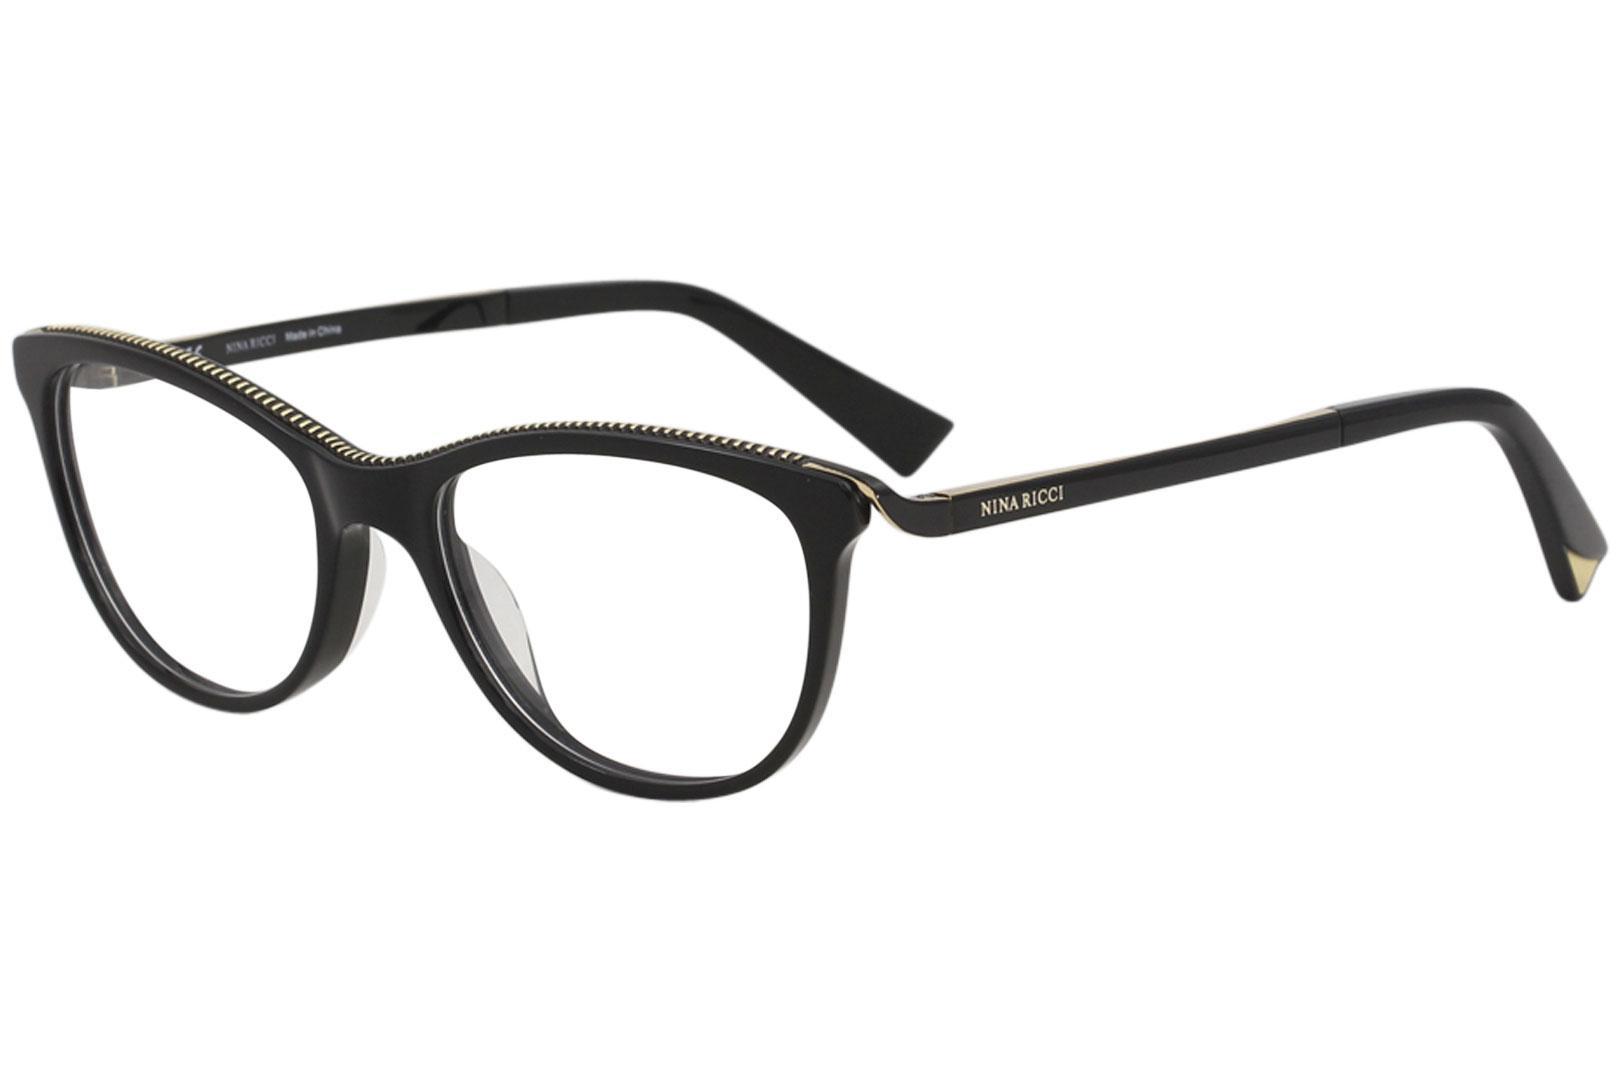 4e7e039298 Nina Ricci Women s Eyeglasses VNR028 VNR 028 Full Rim Optical Frame